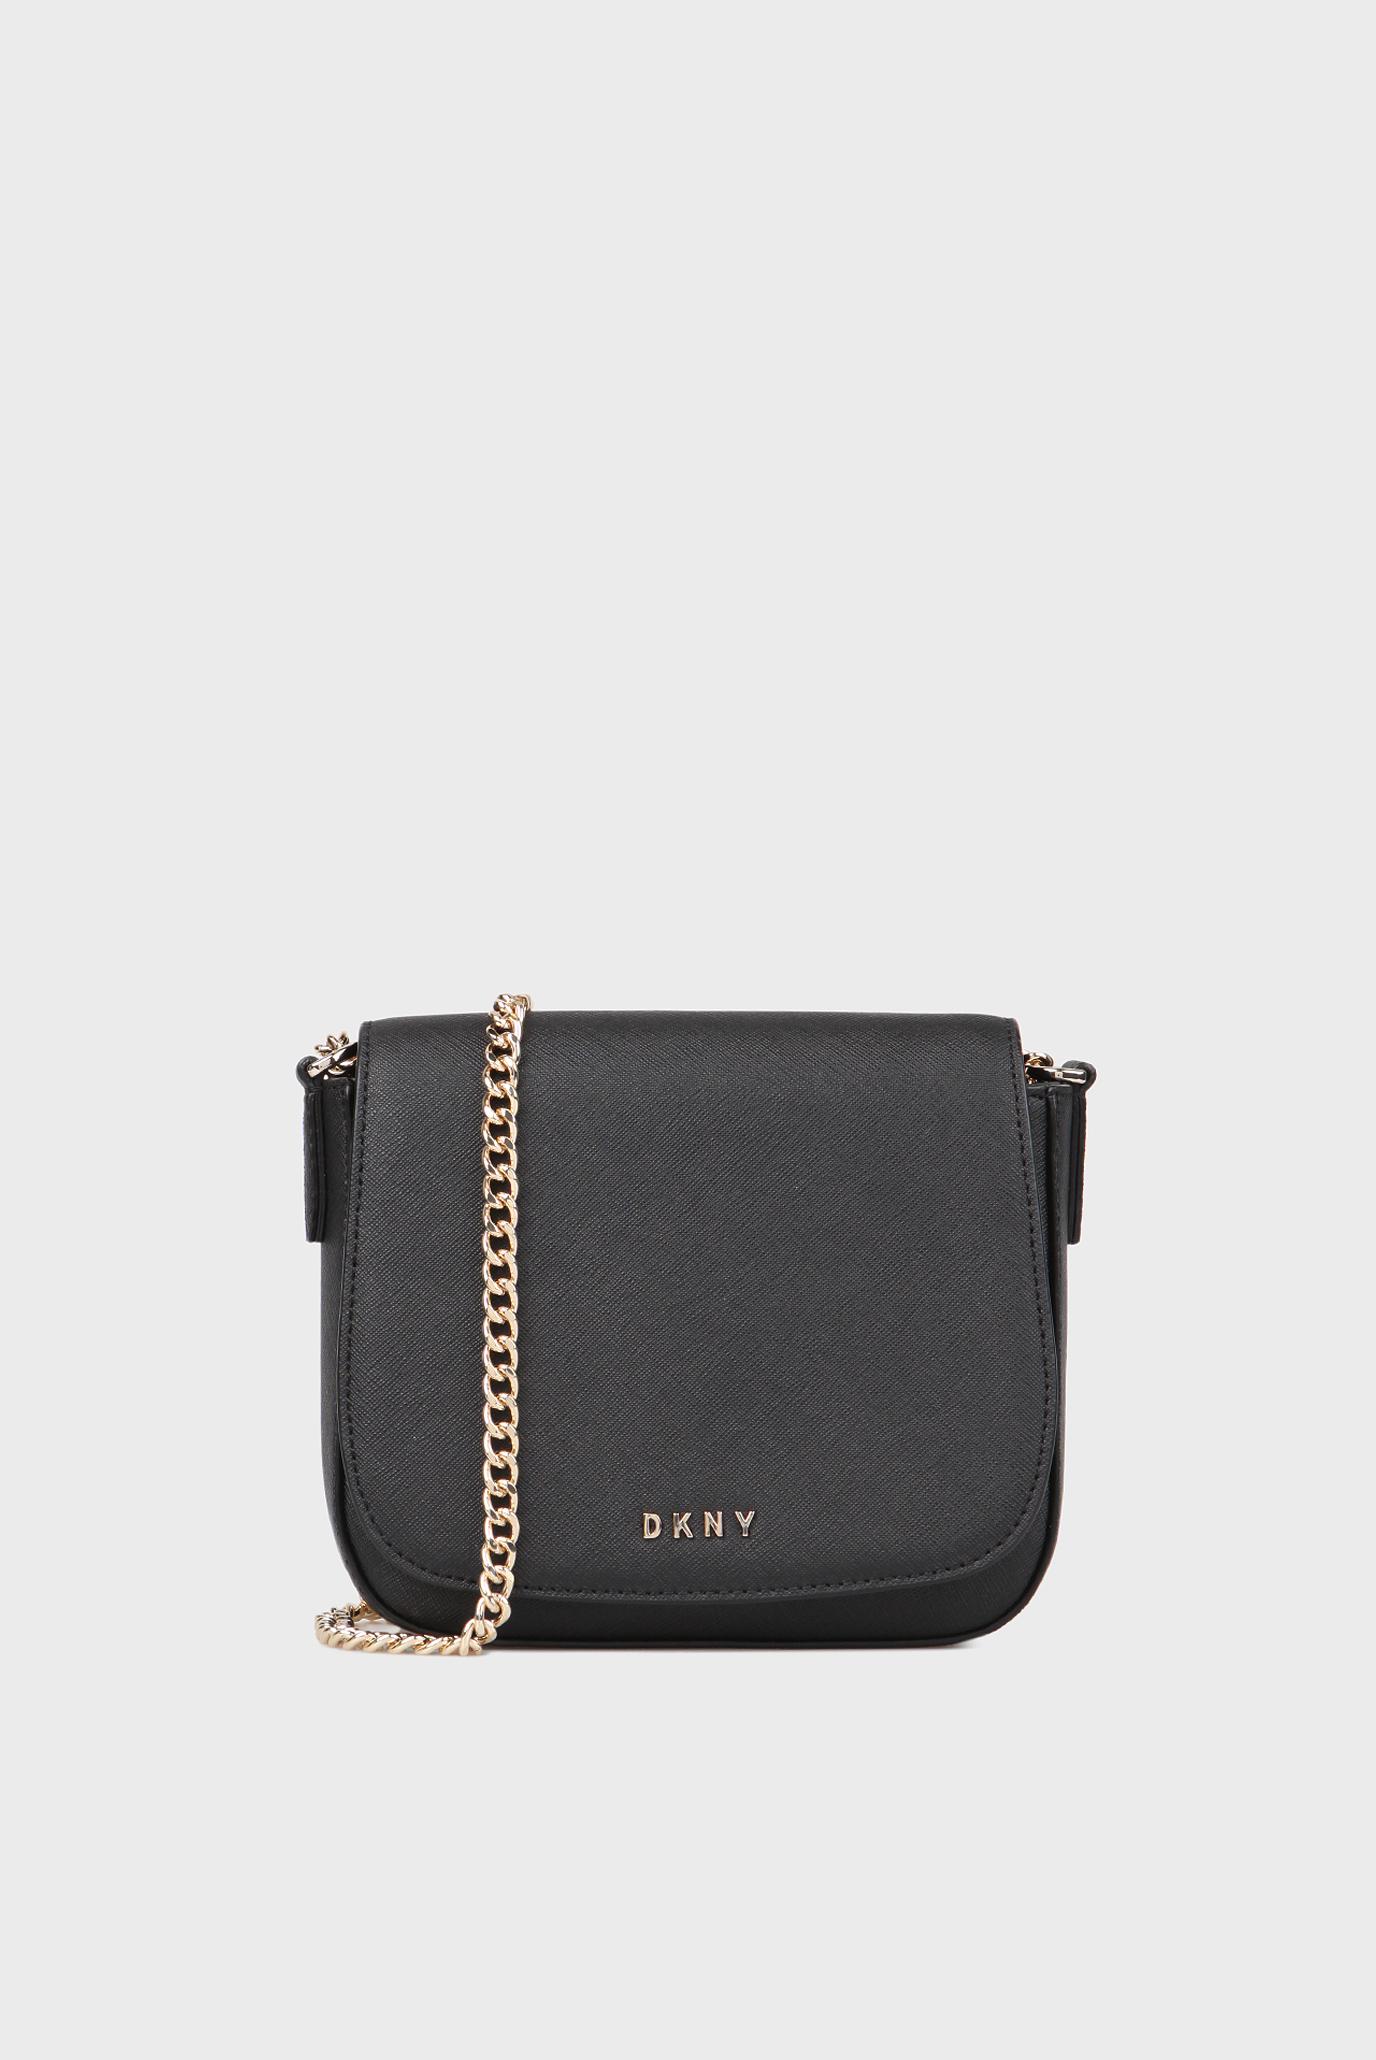 3845962dbad0 Купить Женская черная кожаная сумка через плечо DKNY DKNY R3101024 – Киев,  Украина. Цены в интернет магазине ...